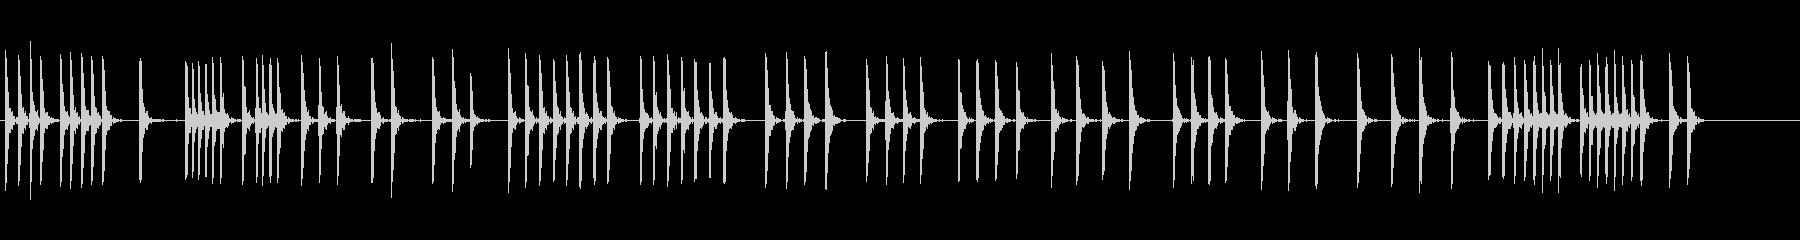 木の板を槌で打つの未再生の波形